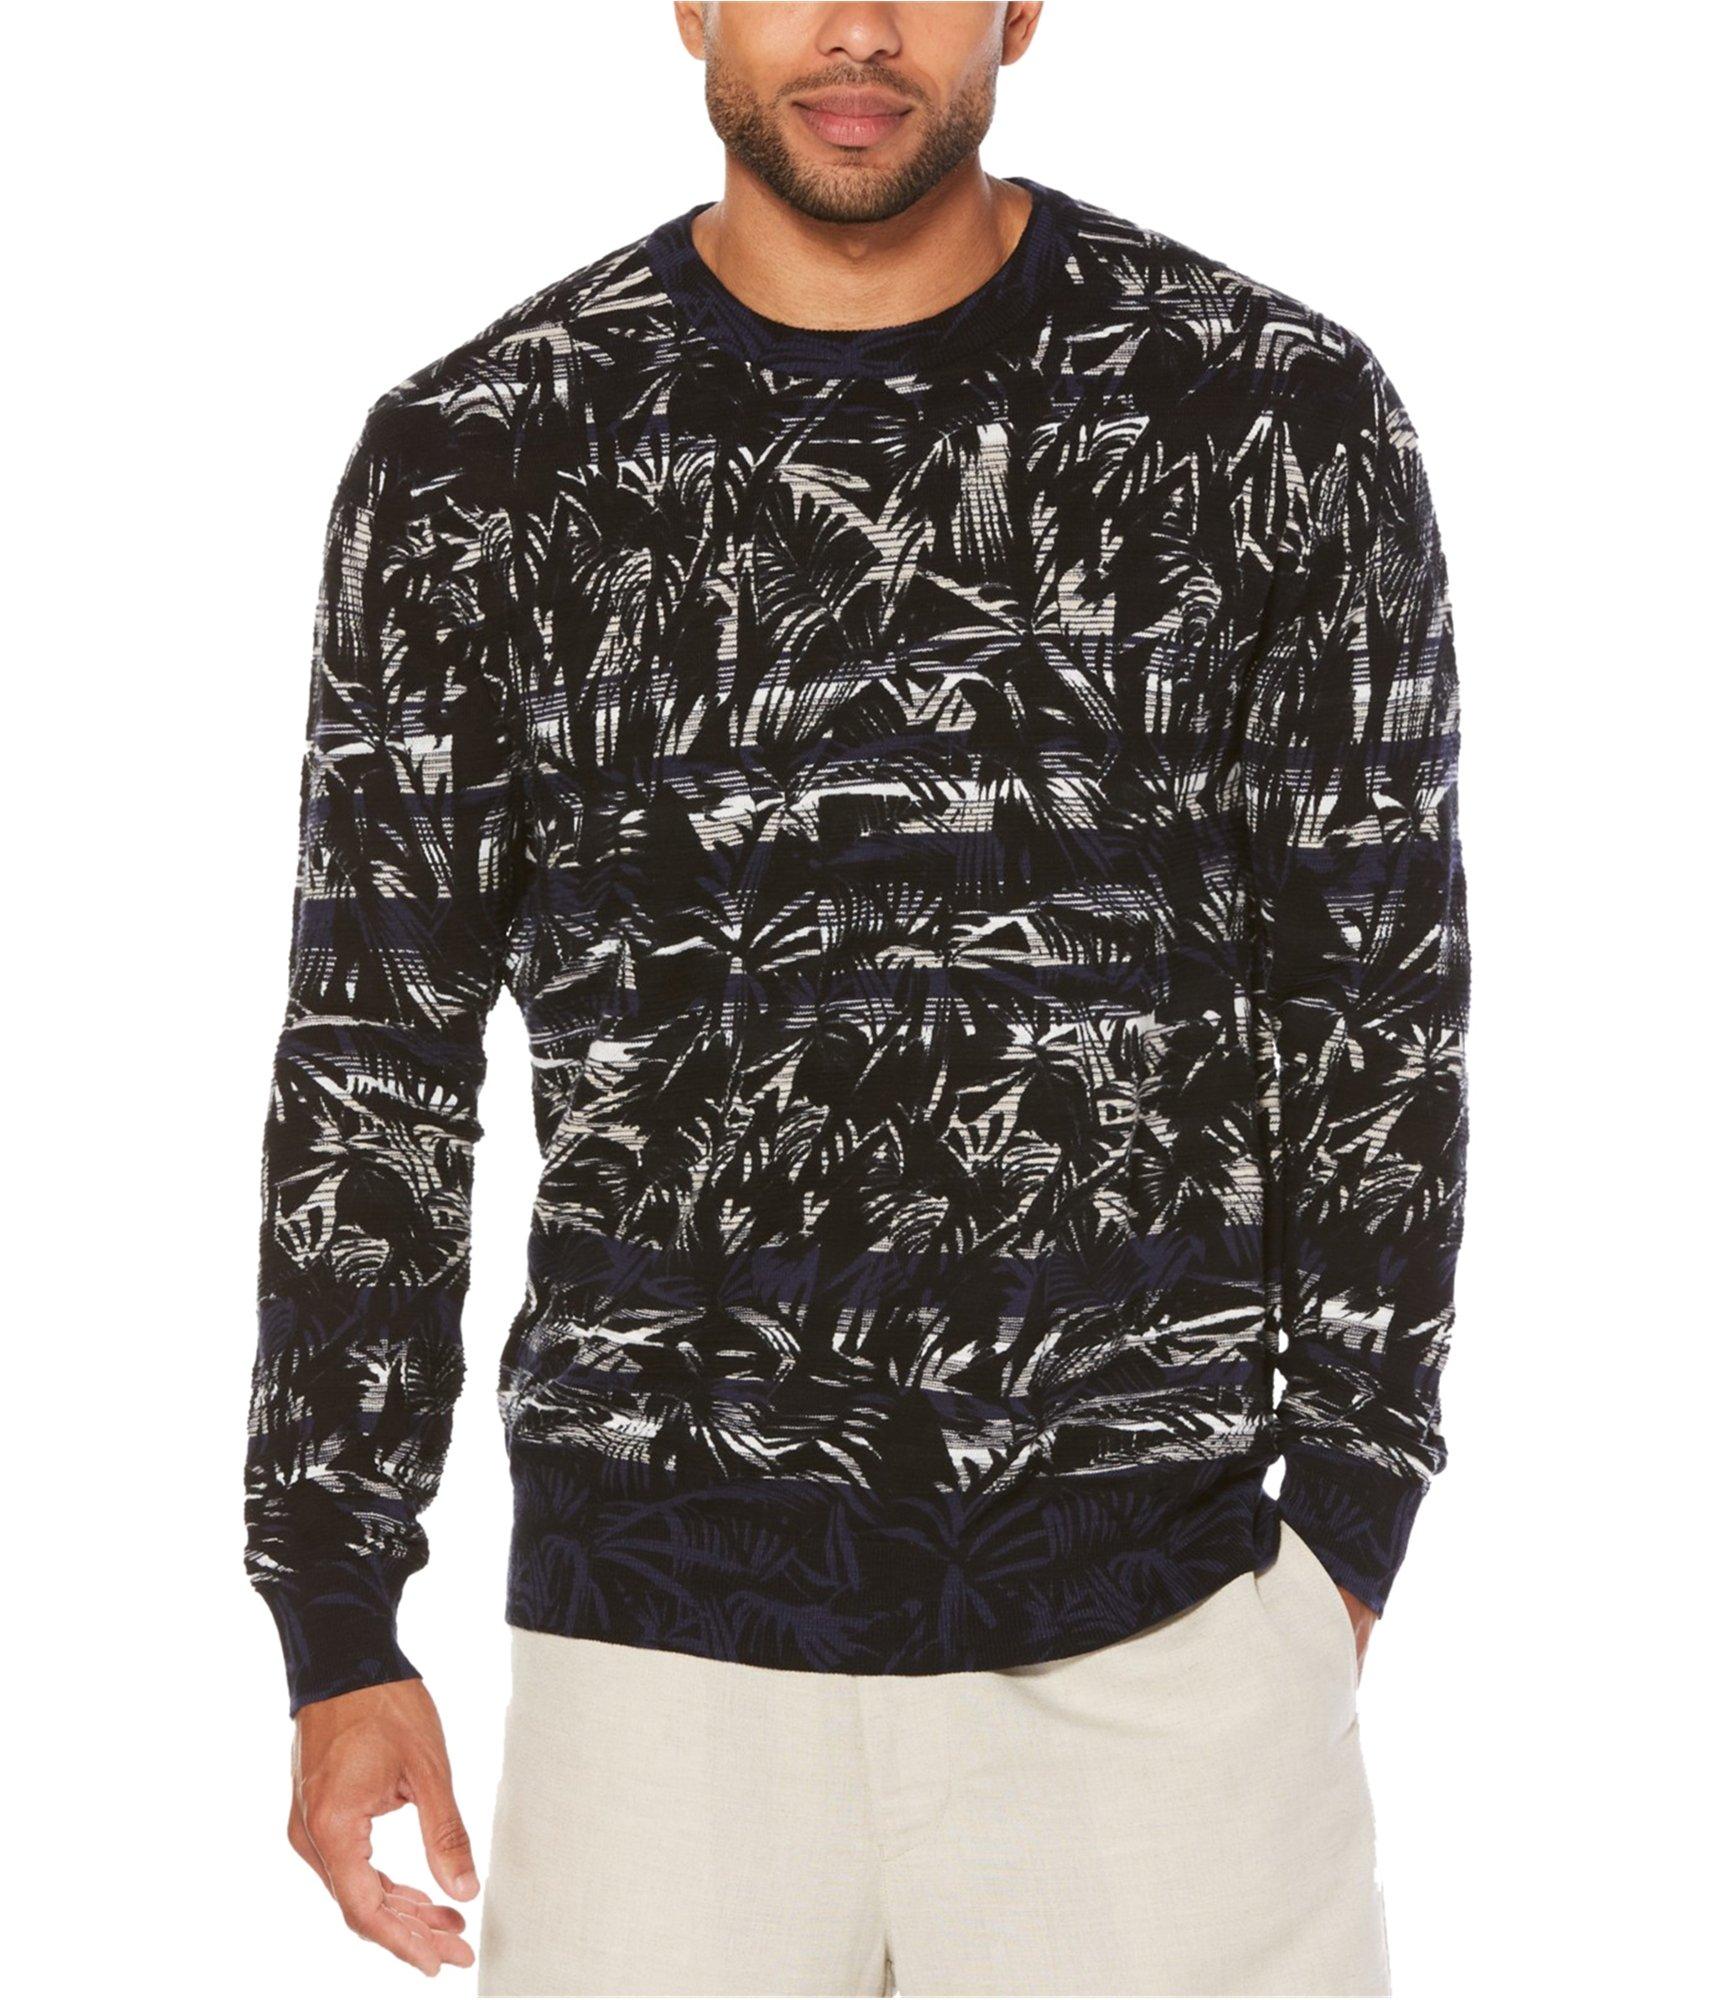 Cubavera Men's Long-Sleeve Crew Neck Printed Sweater, Peacoat, M